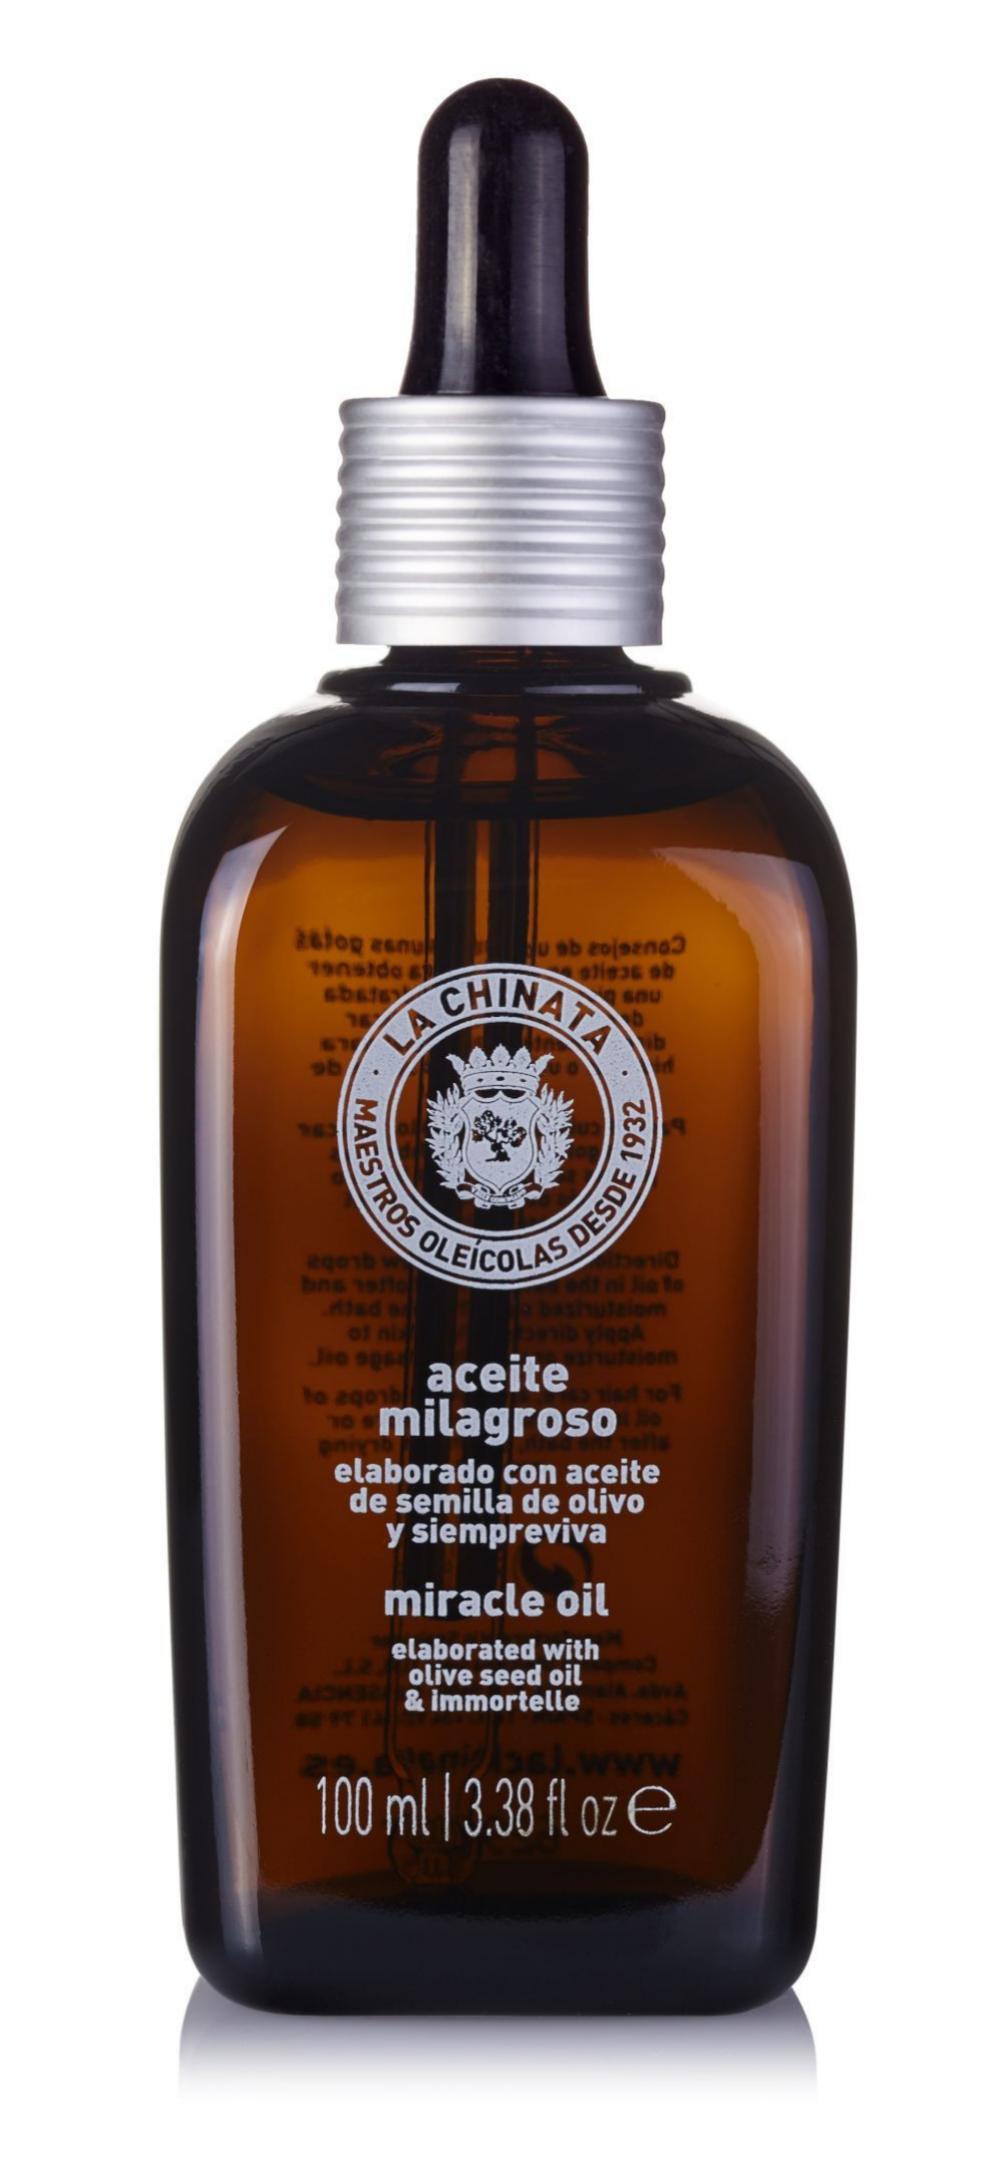 Aceite Milagroso La Chinata (13,50 ¤).